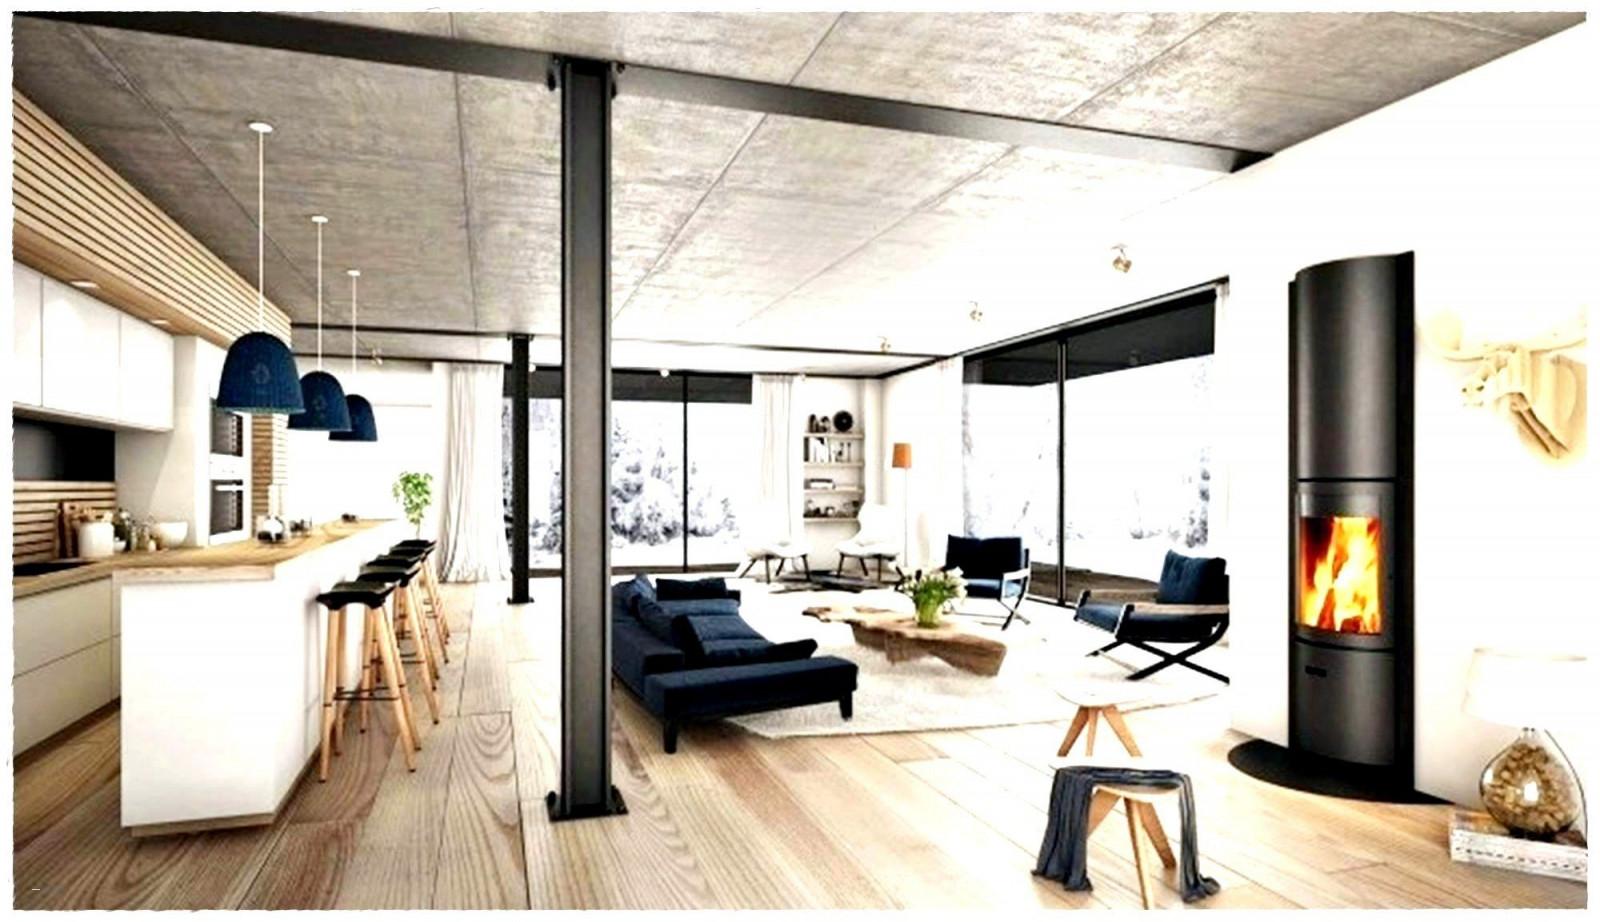 Großes Wohnzimmer Bild  Wohnzimmer Design Wohnzimmer von Großes Wohnzimmer Modern Einrichten Photo